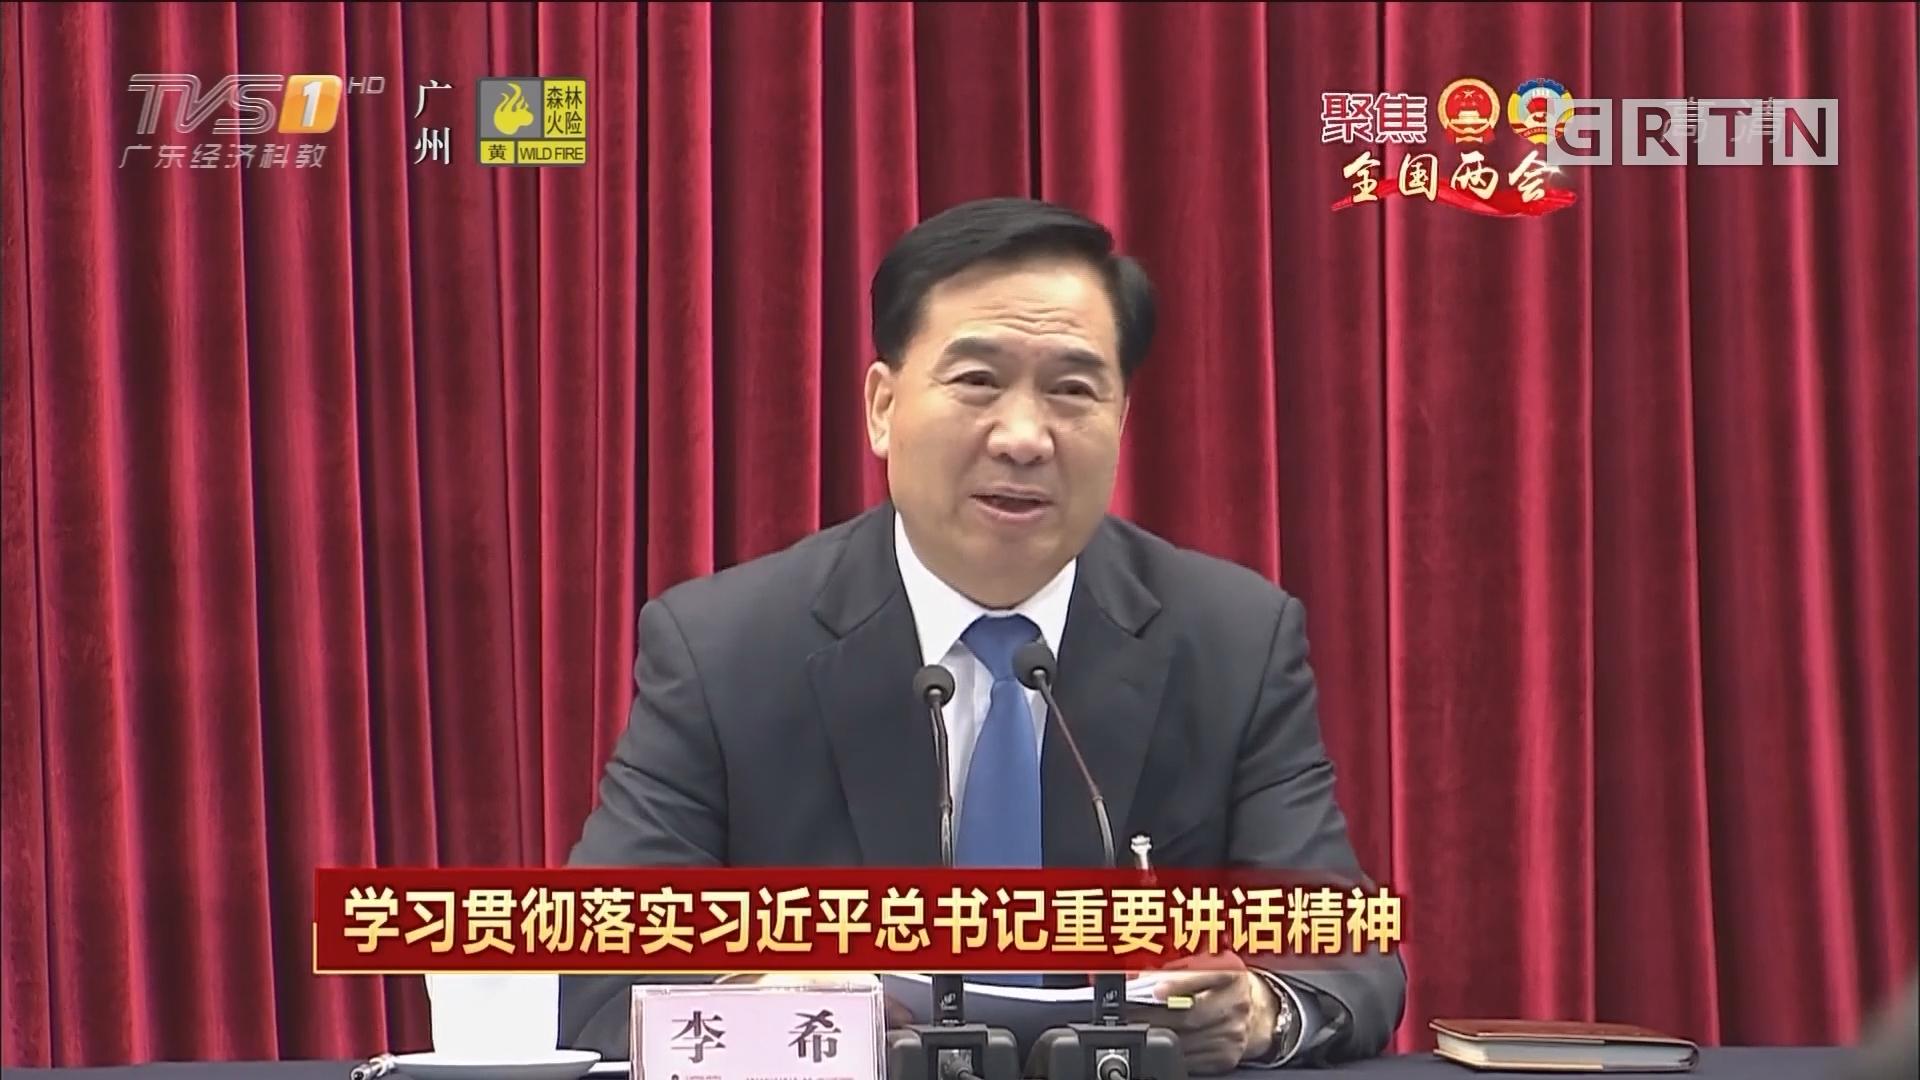 广东代表团举行全体会议:李希主持会议 马兴瑞李玉妹出席